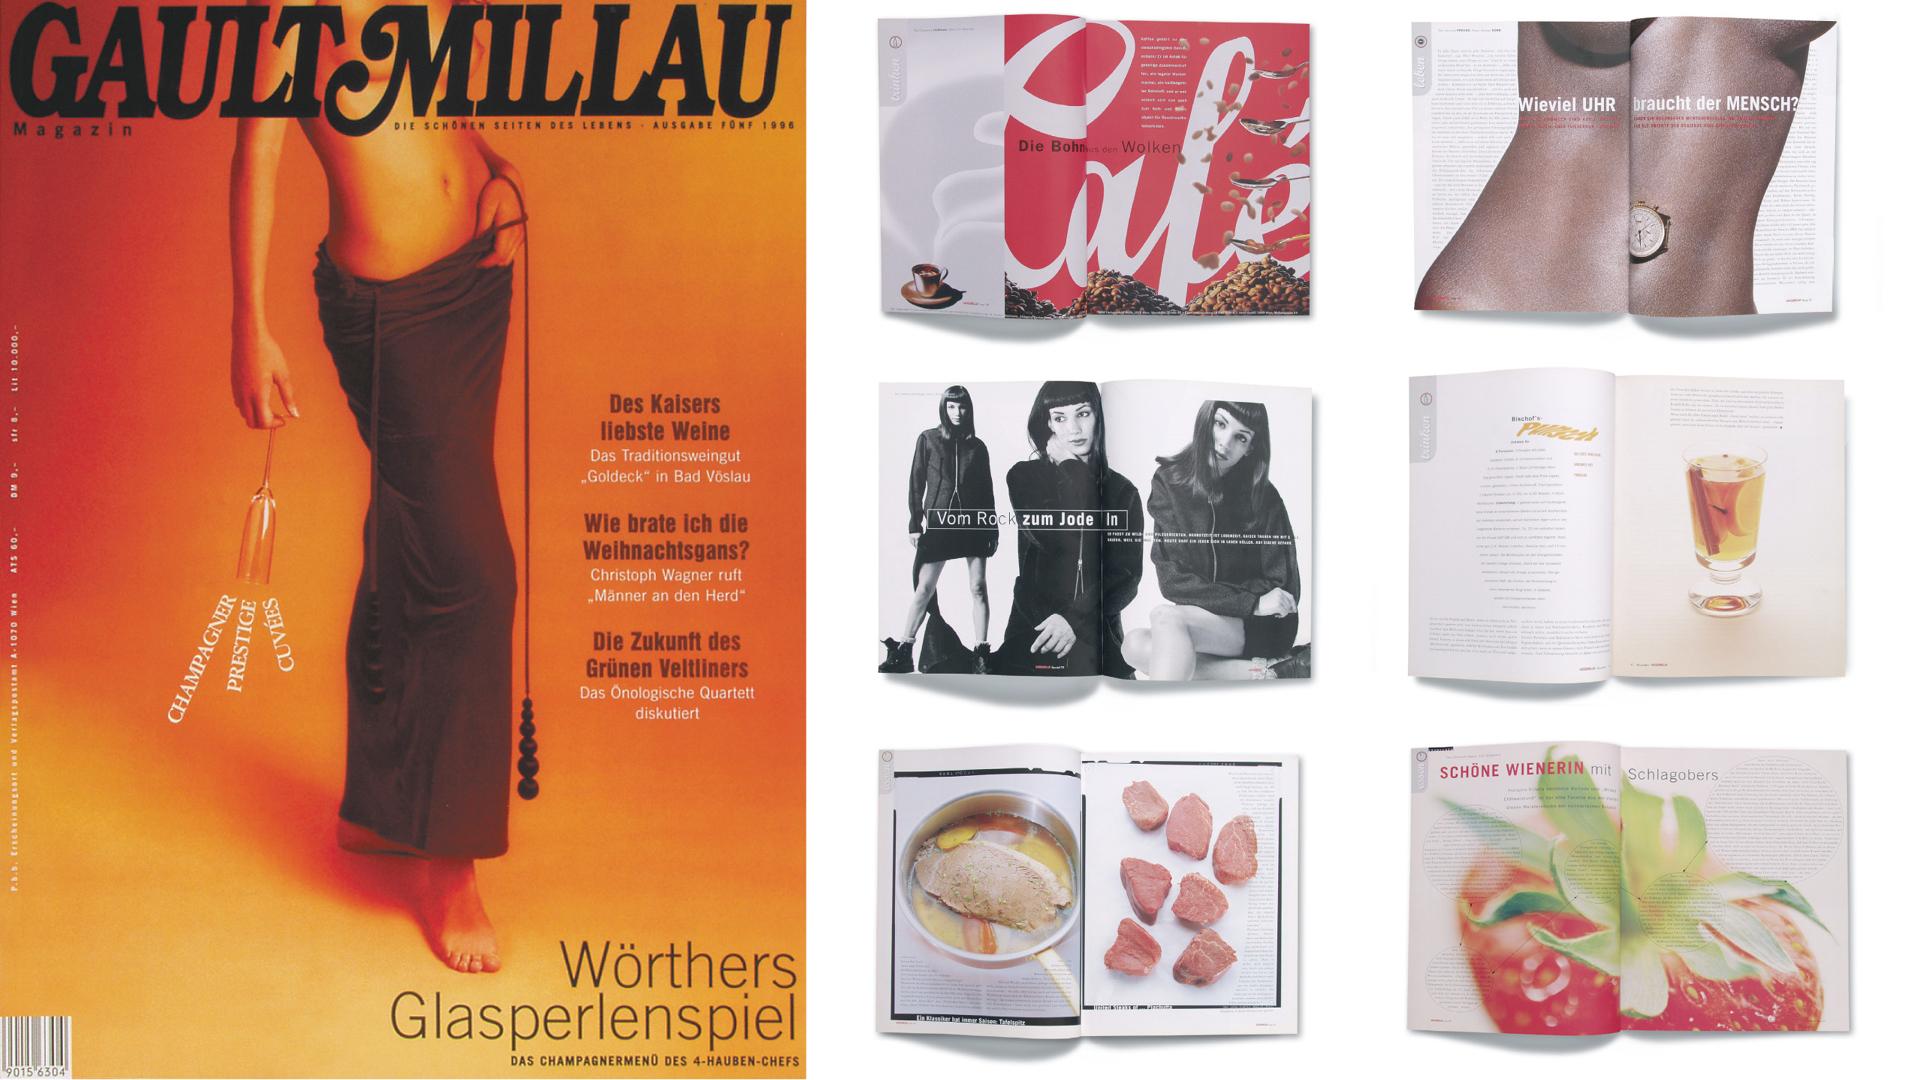 Art Direktion, Produktion periodisch erscheinenden Lifestylemagazins